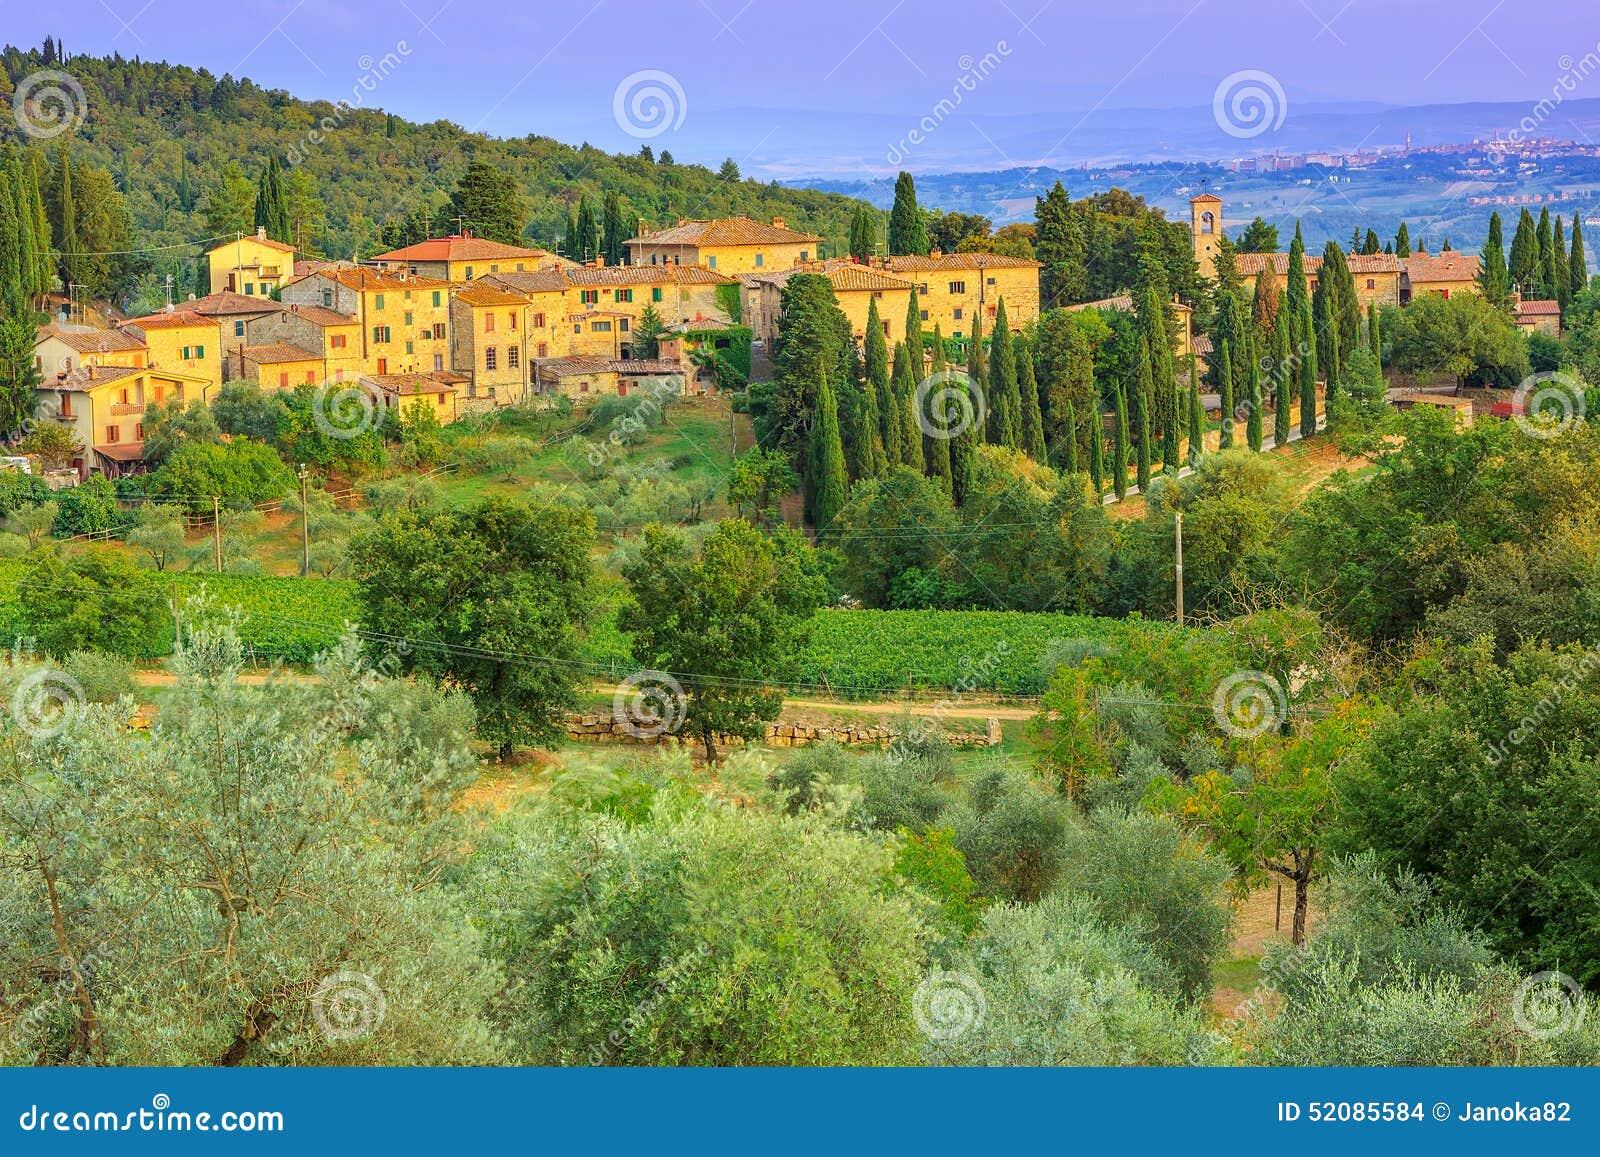 Τοπίο της Τοσκάνης με τη φυτεία πόλεων και ελιών στο λόφο